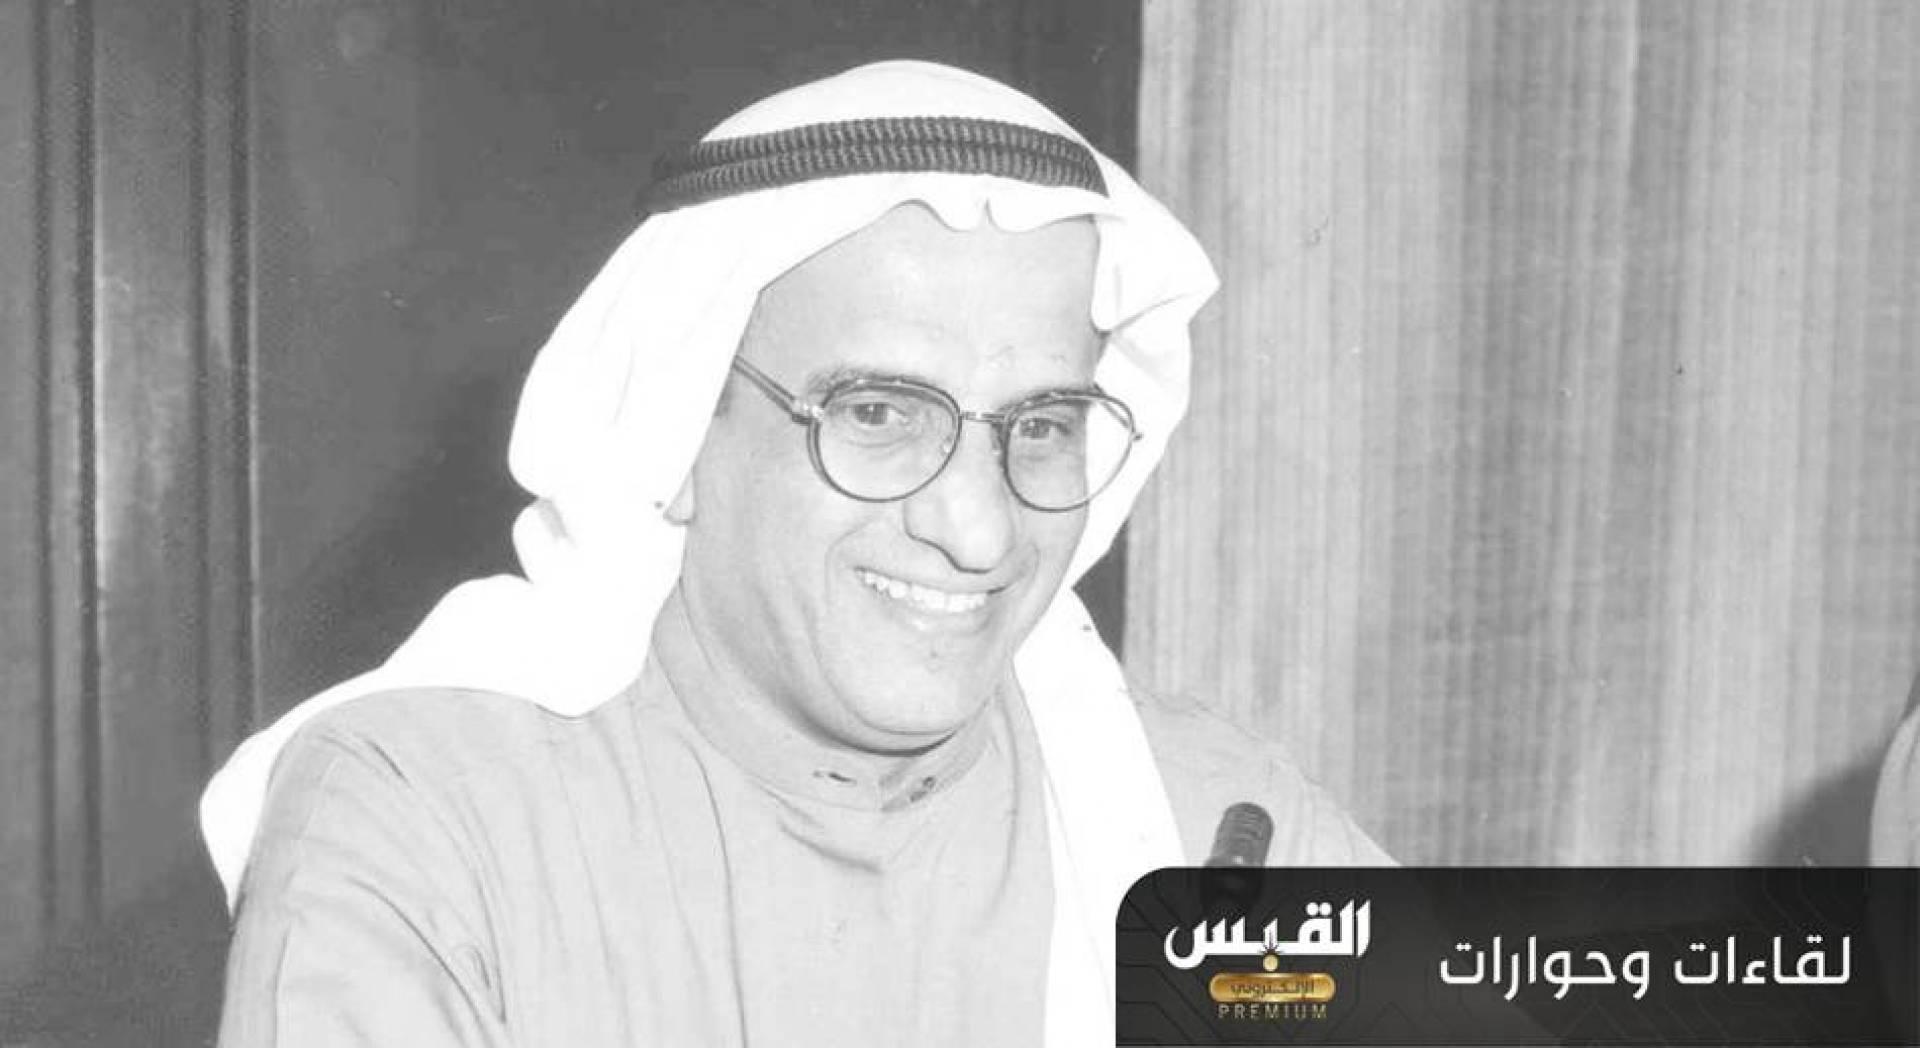 أحمد الربعي